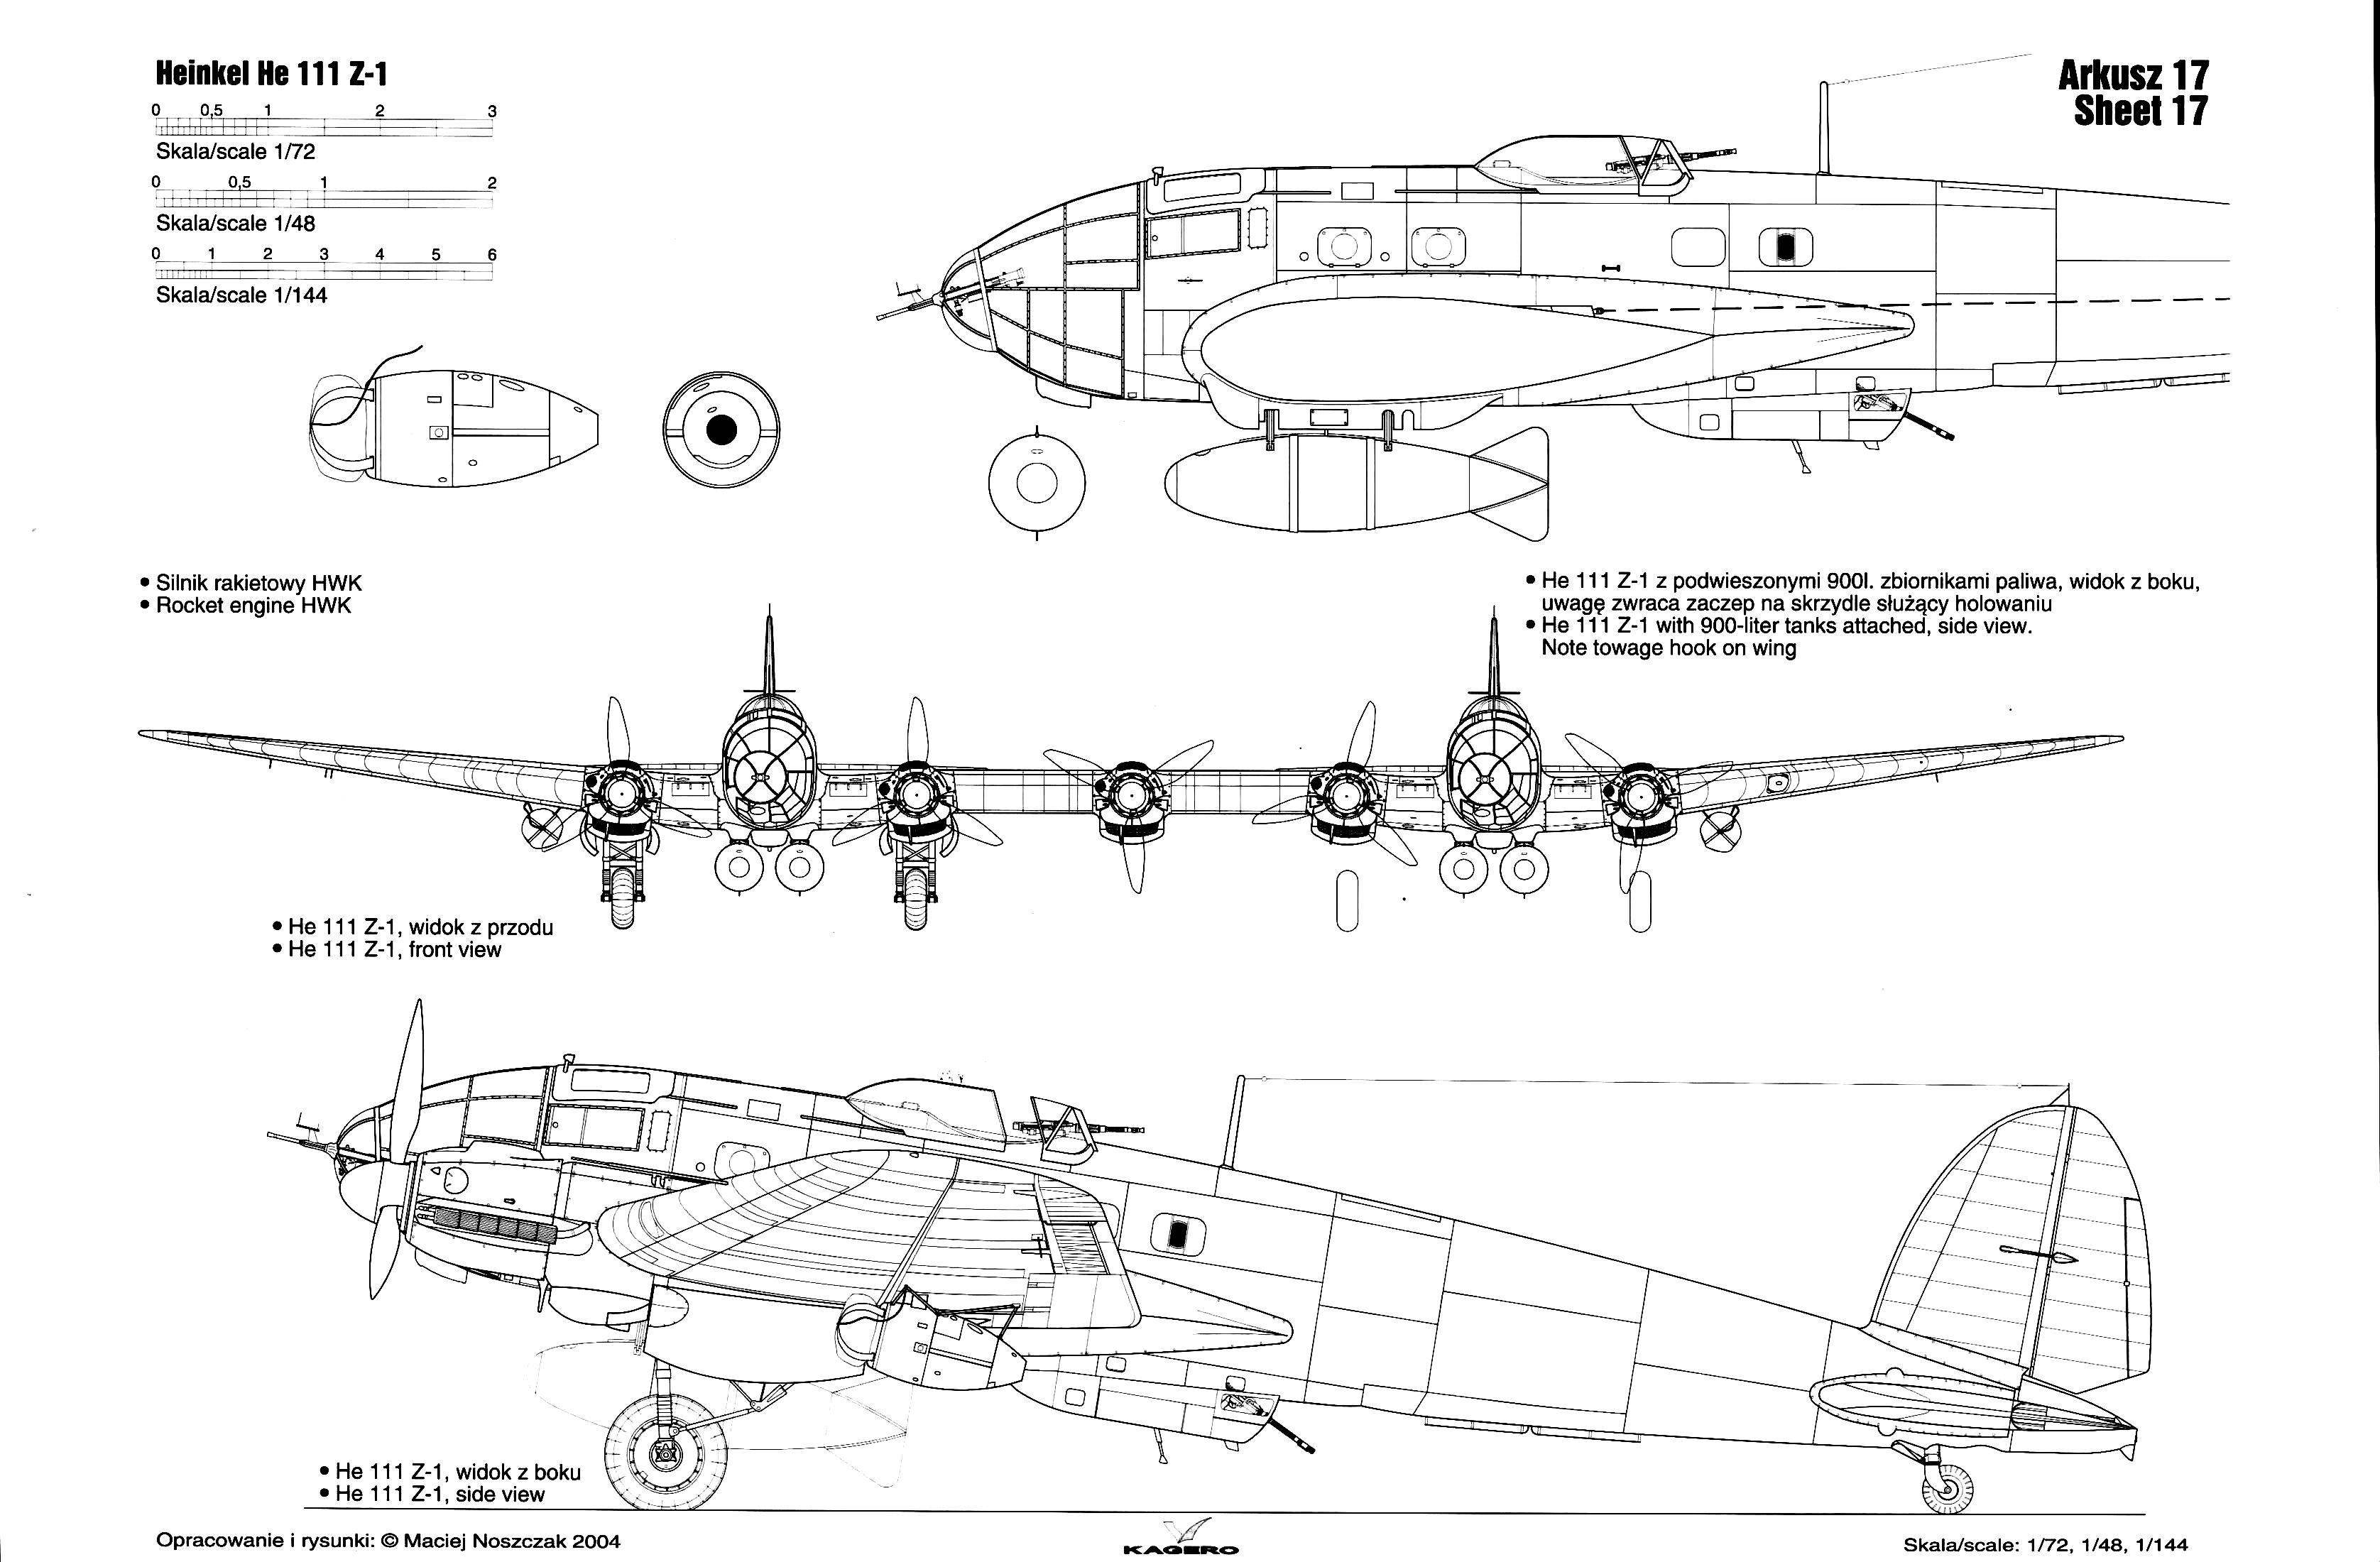 Asisbiz Artwork Line Drawing Or Blue Print Of A Heinkel He